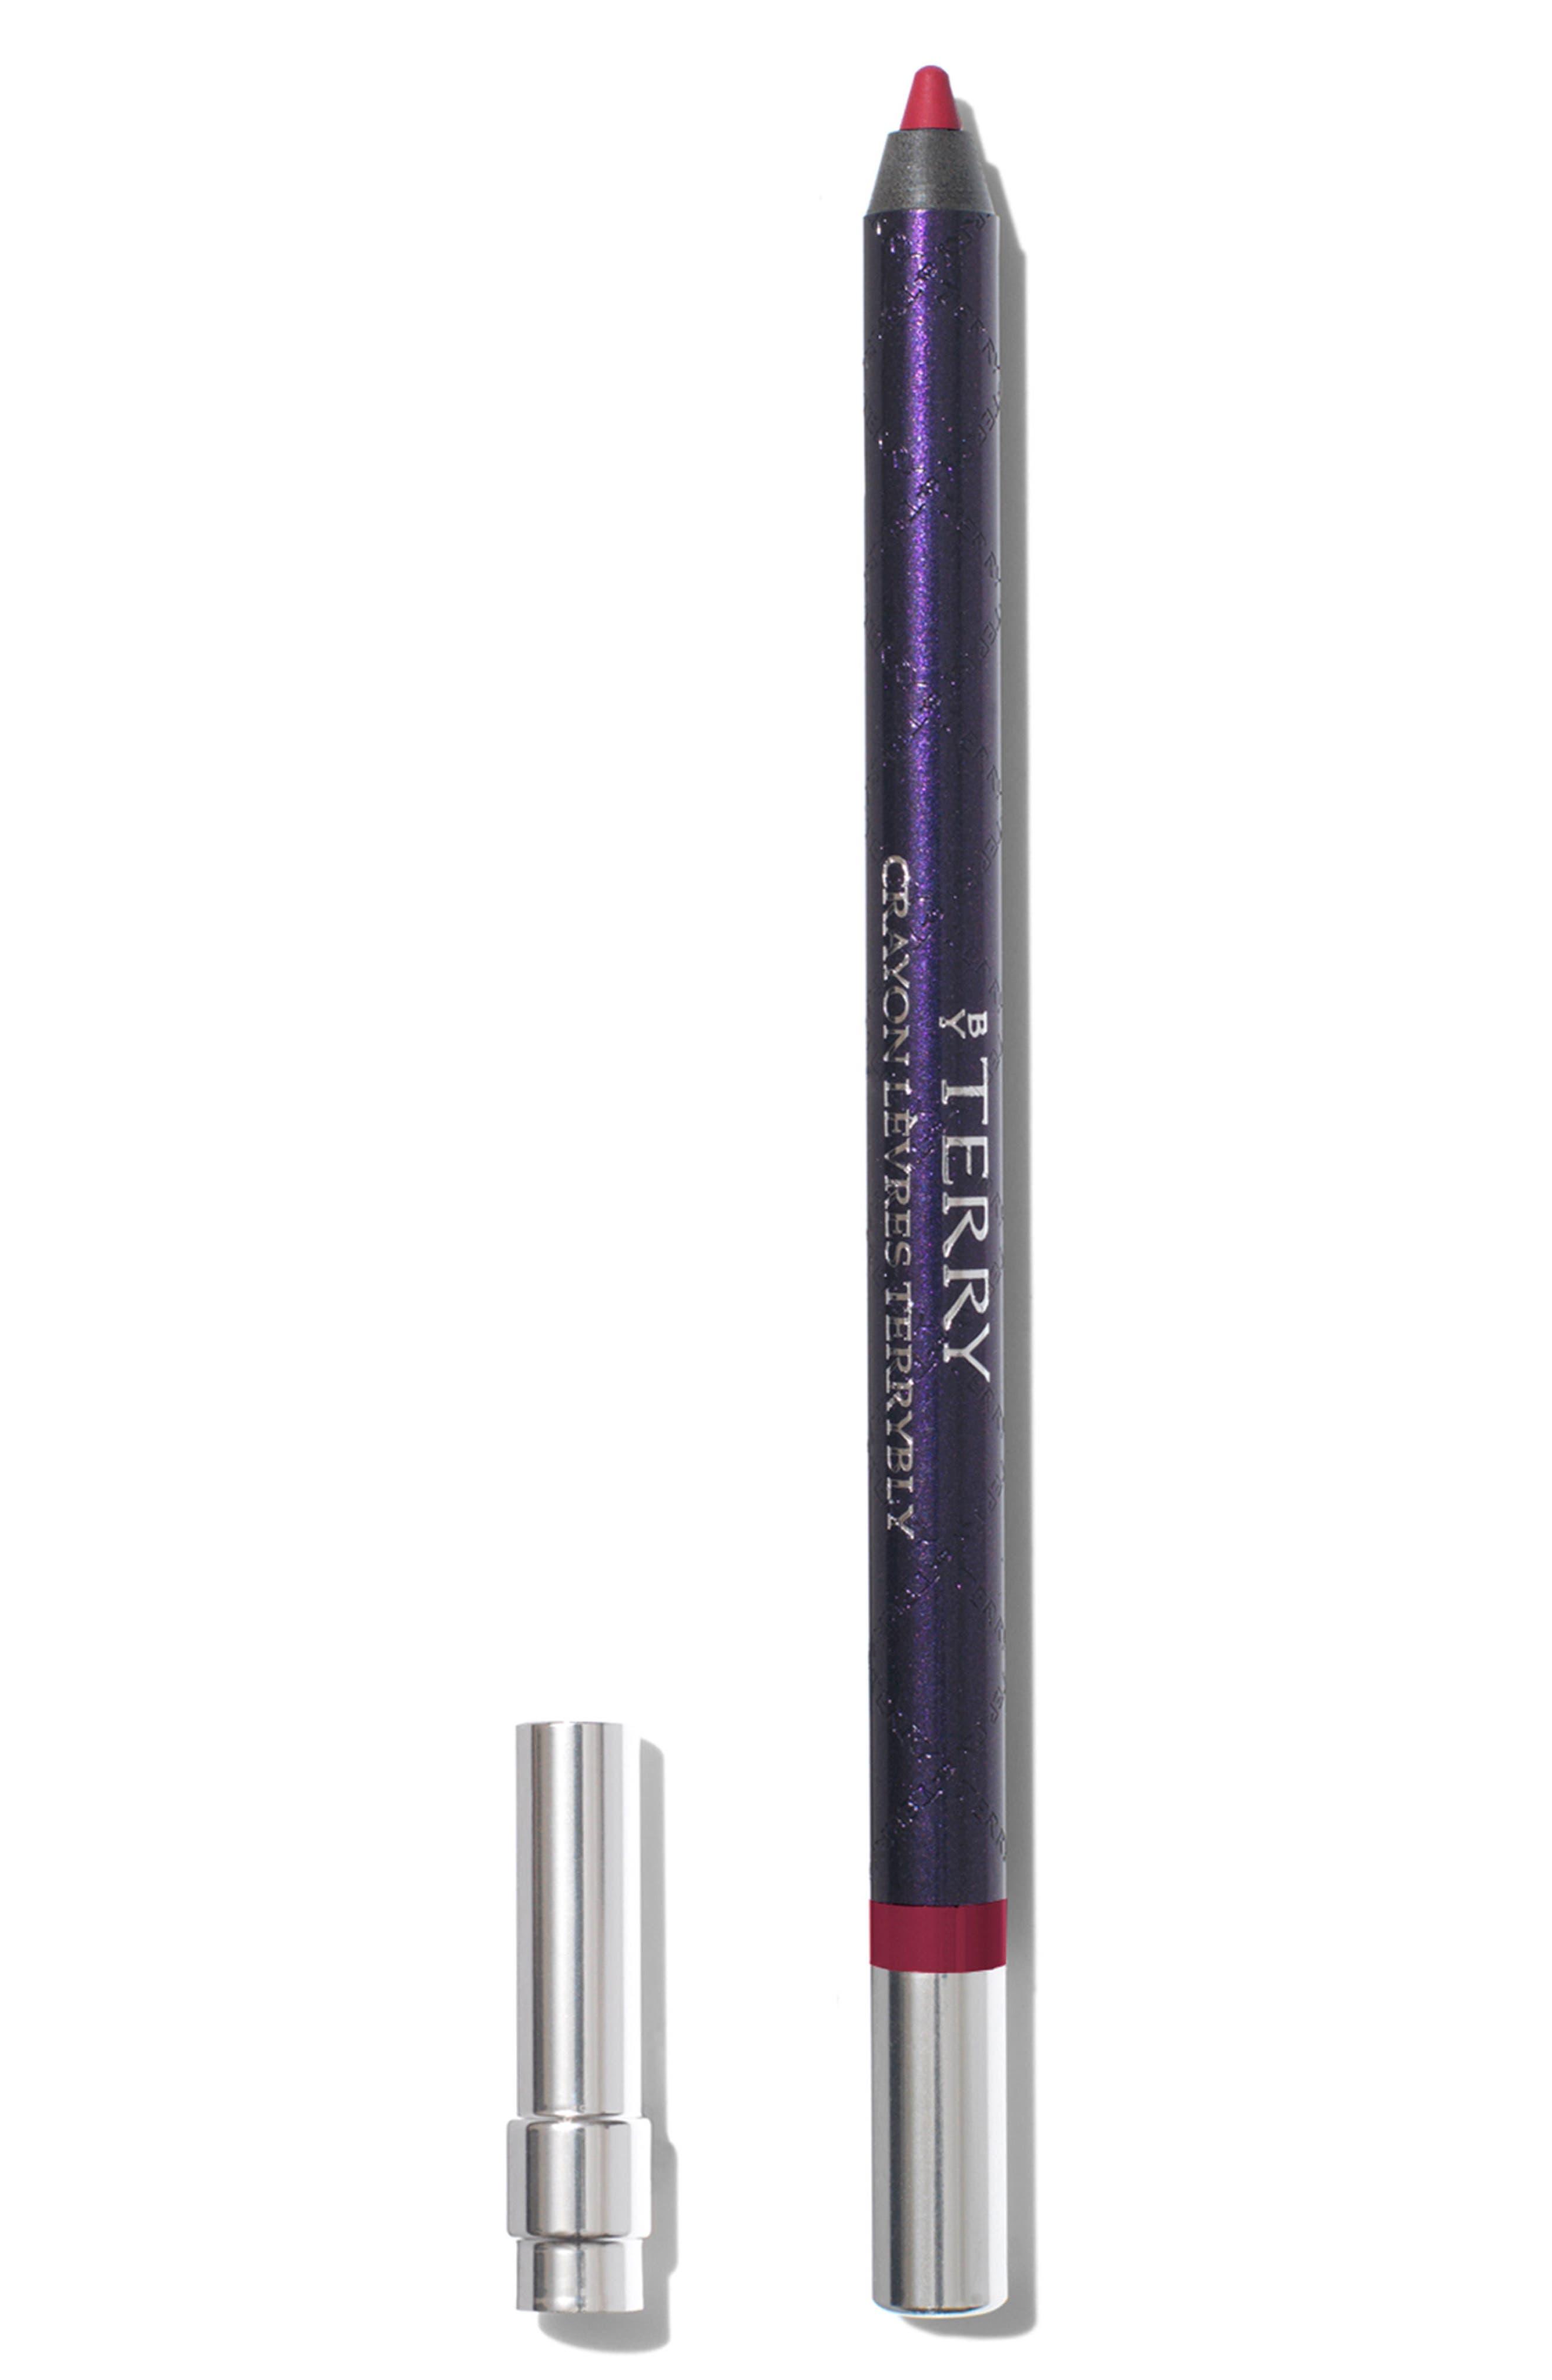 SPACE.NK.apothecary By Terry Crayon Lèvres Lip Pencil